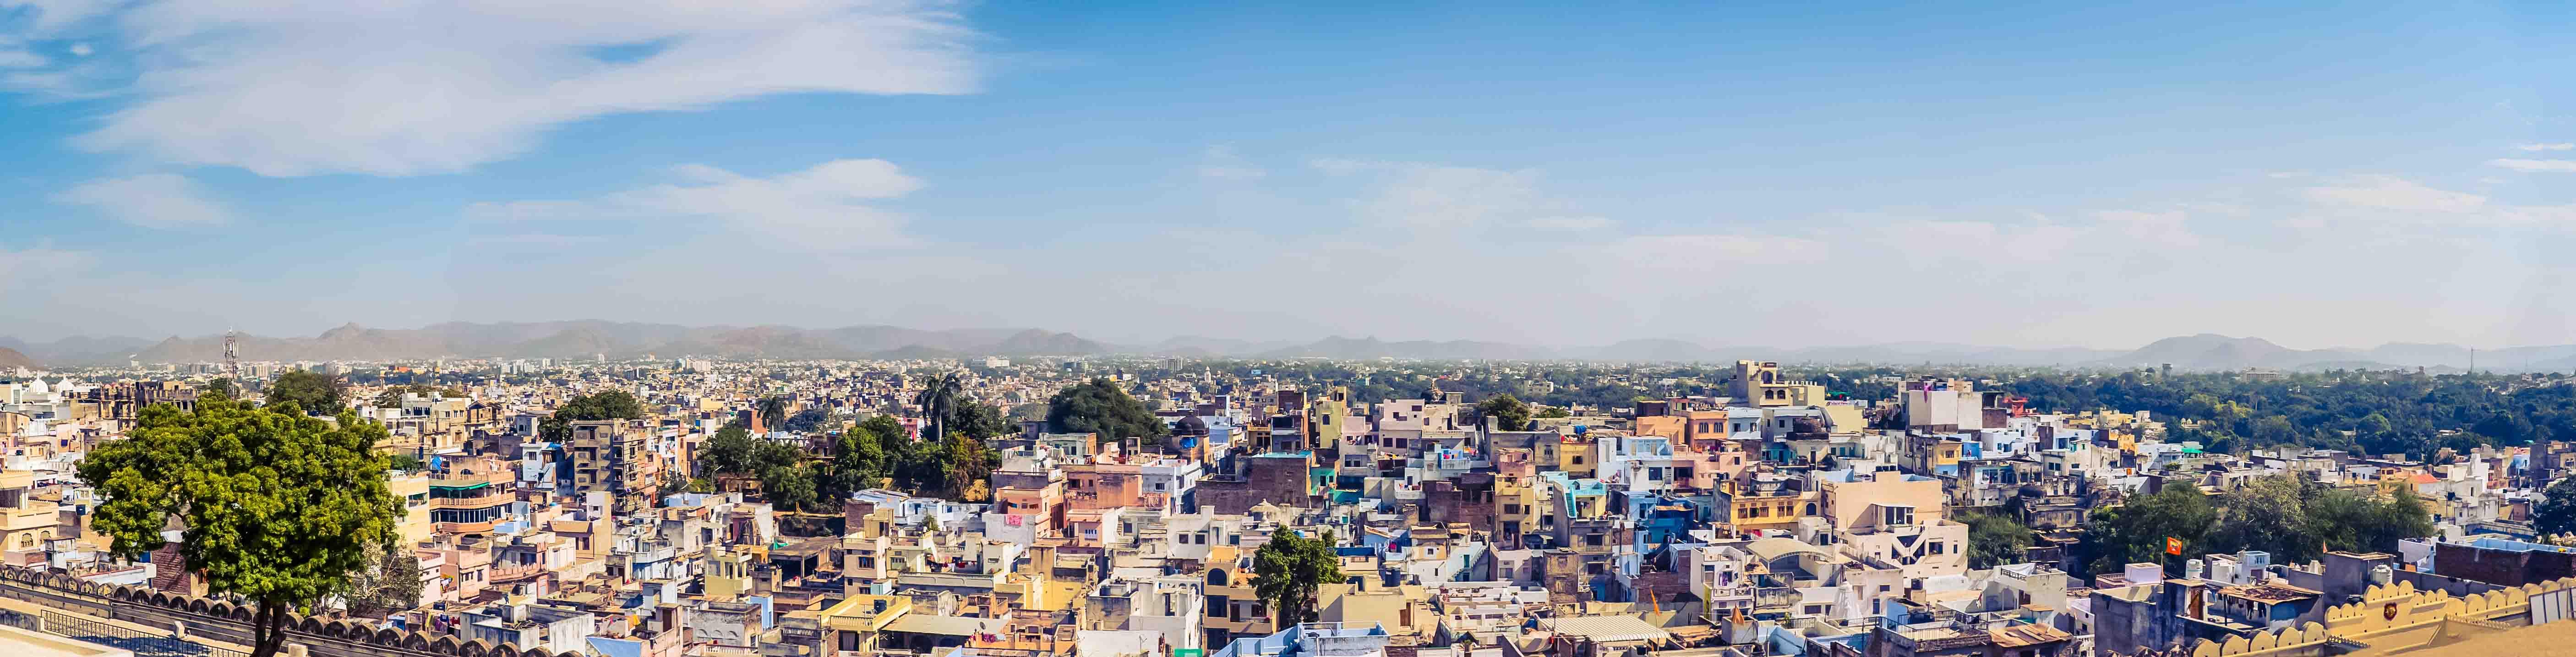 Udaipur_City_Palace-1